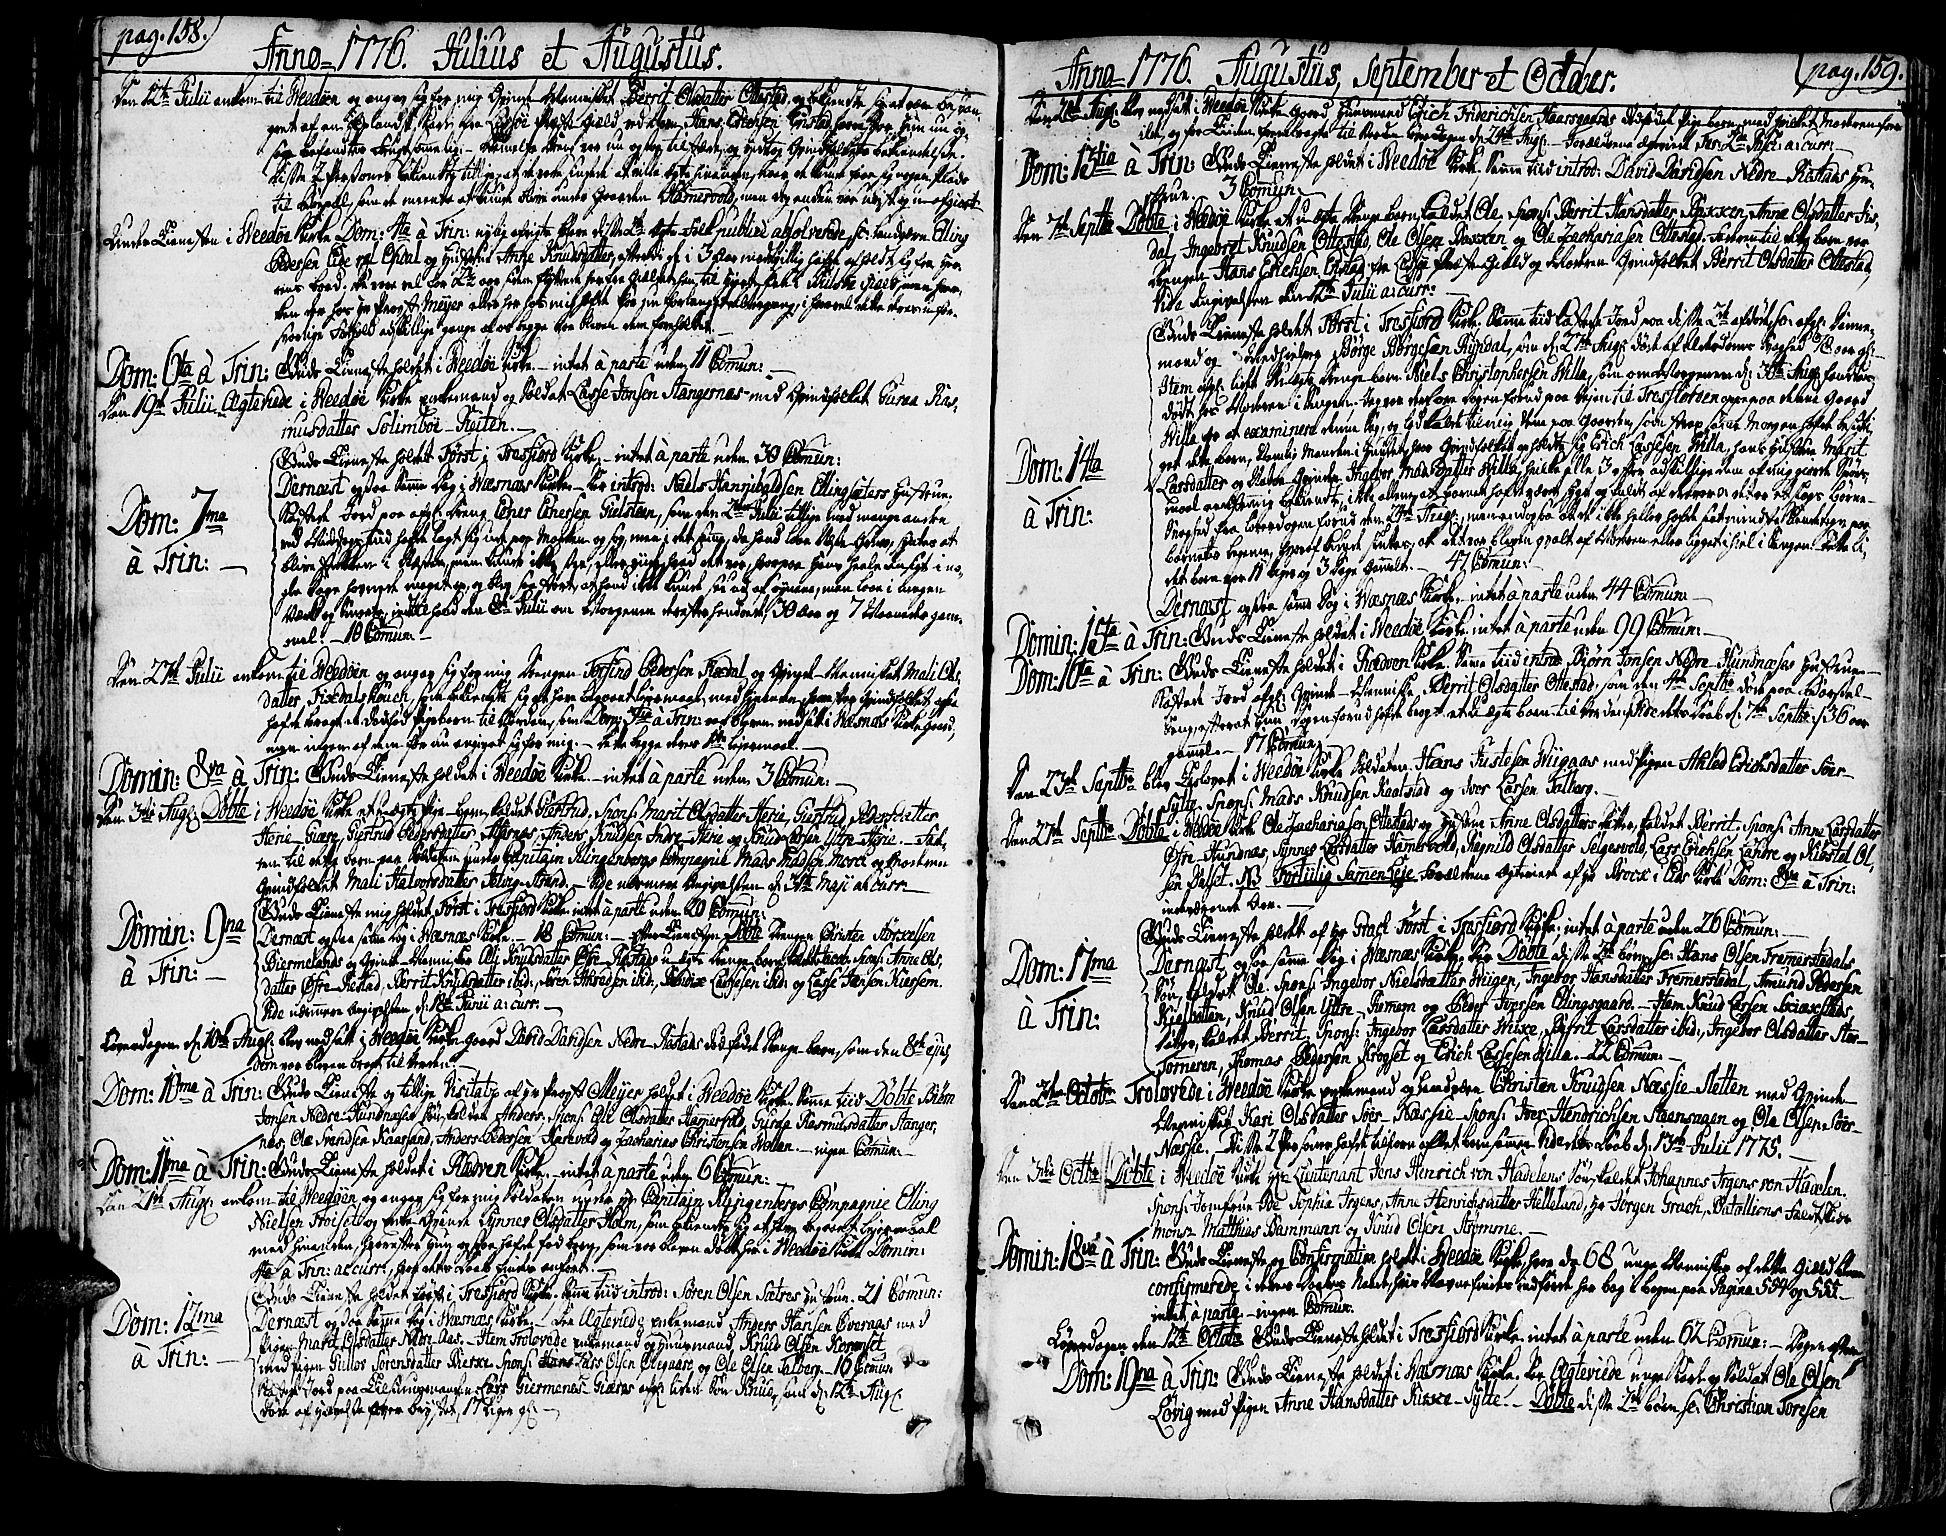 SAT, Ministerialprotokoller, klokkerbøker og fødselsregistre - Møre og Romsdal, 547/L0600: Ministerialbok nr. 547A02, 1765-1799, s. 158-159